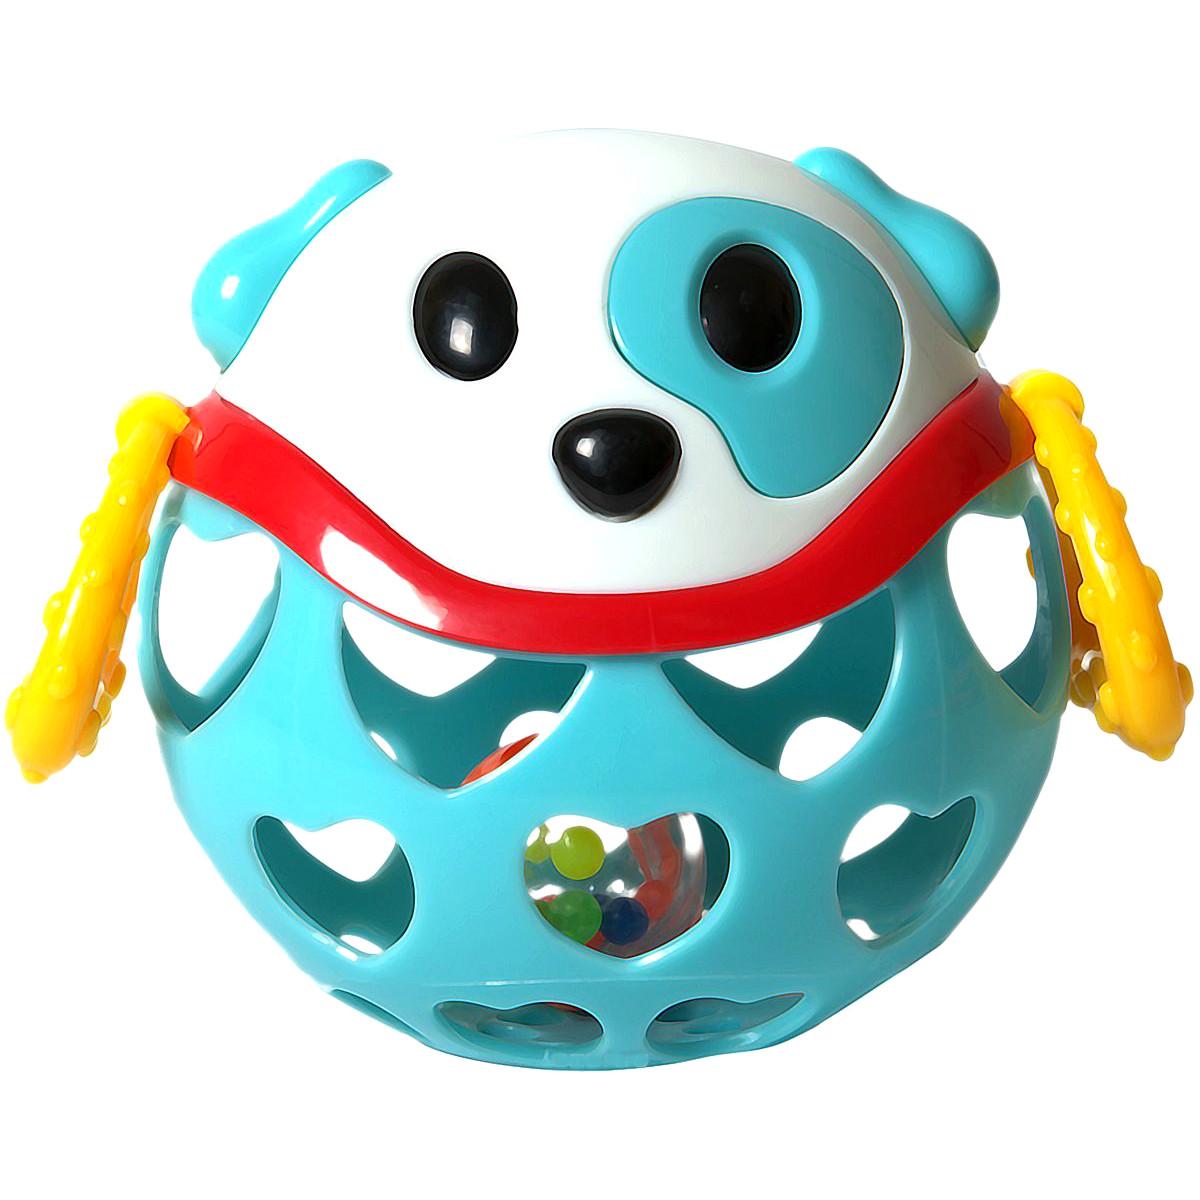 Игрушка-неразбивайка СобакаДетские погремушки и подвесные игрушки на кроватку<br>Игрушка-неразбивайка Собака<br>